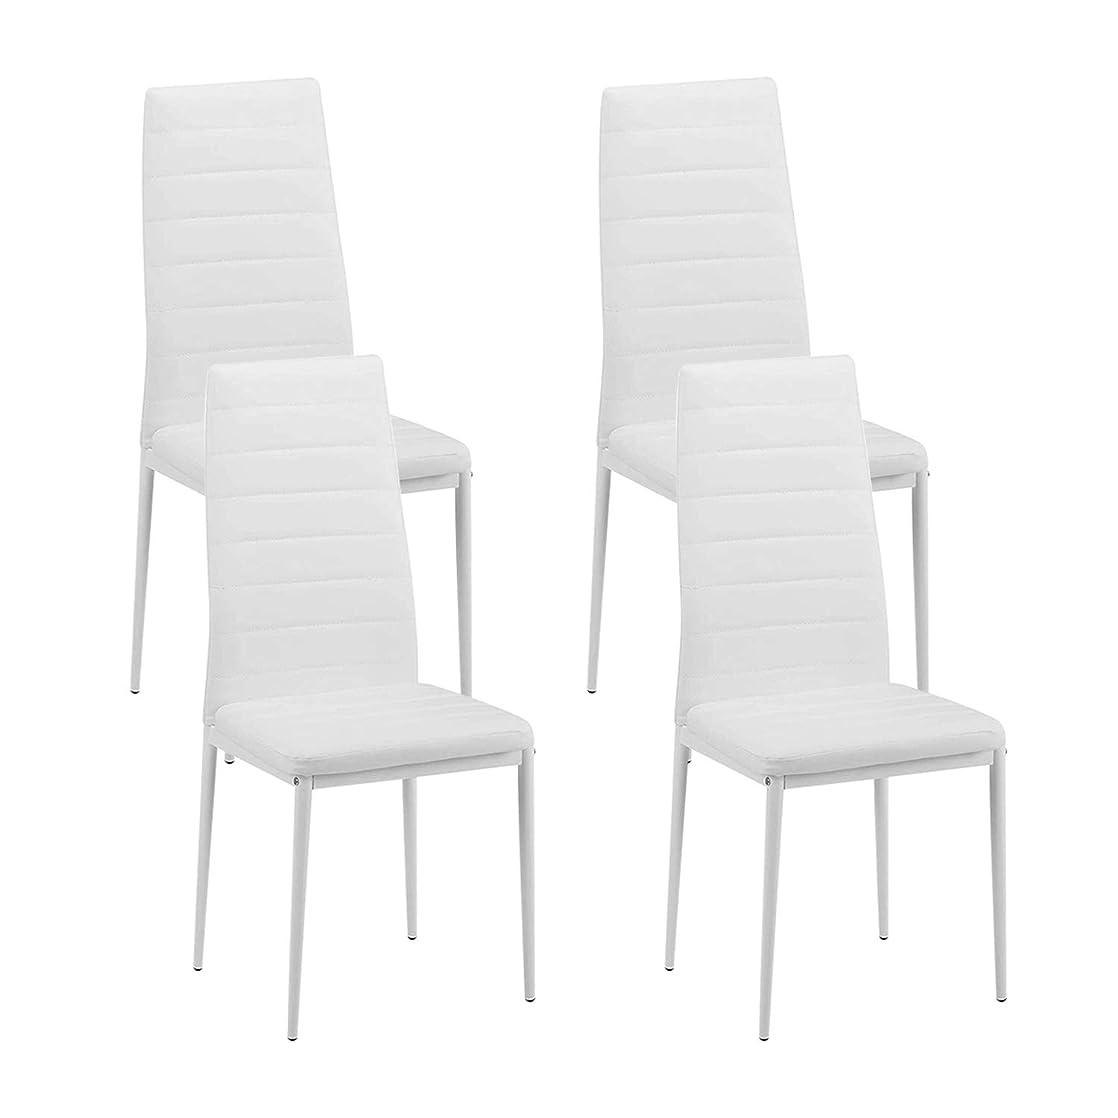 助言水星レディダイニングチェア ハイバック 椅子 イス チェア 食卓椅子 高級レザーメモリークッションチェア、レストラン、ホテル、ダイニングテーブルチェア4脚セット (ホワイト)(欠陥が多く)